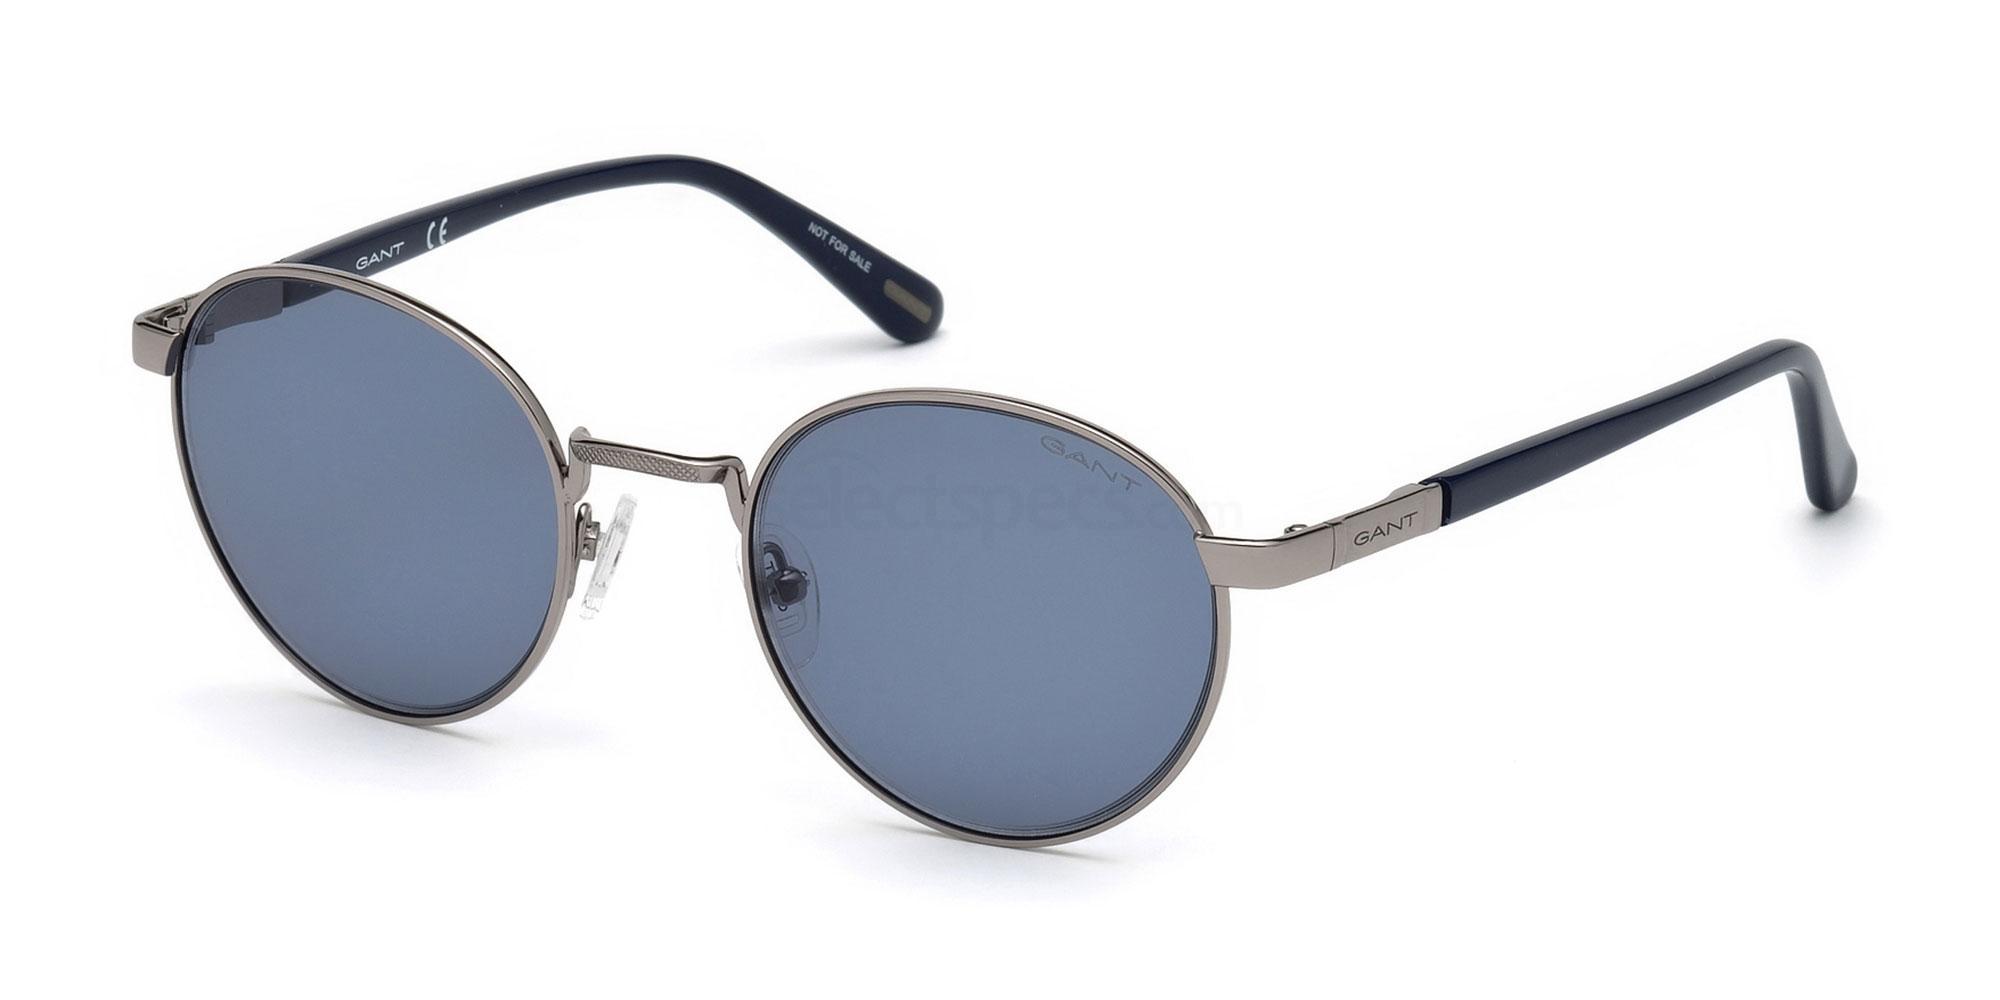 10V GA7103 Sunglasses, Gant